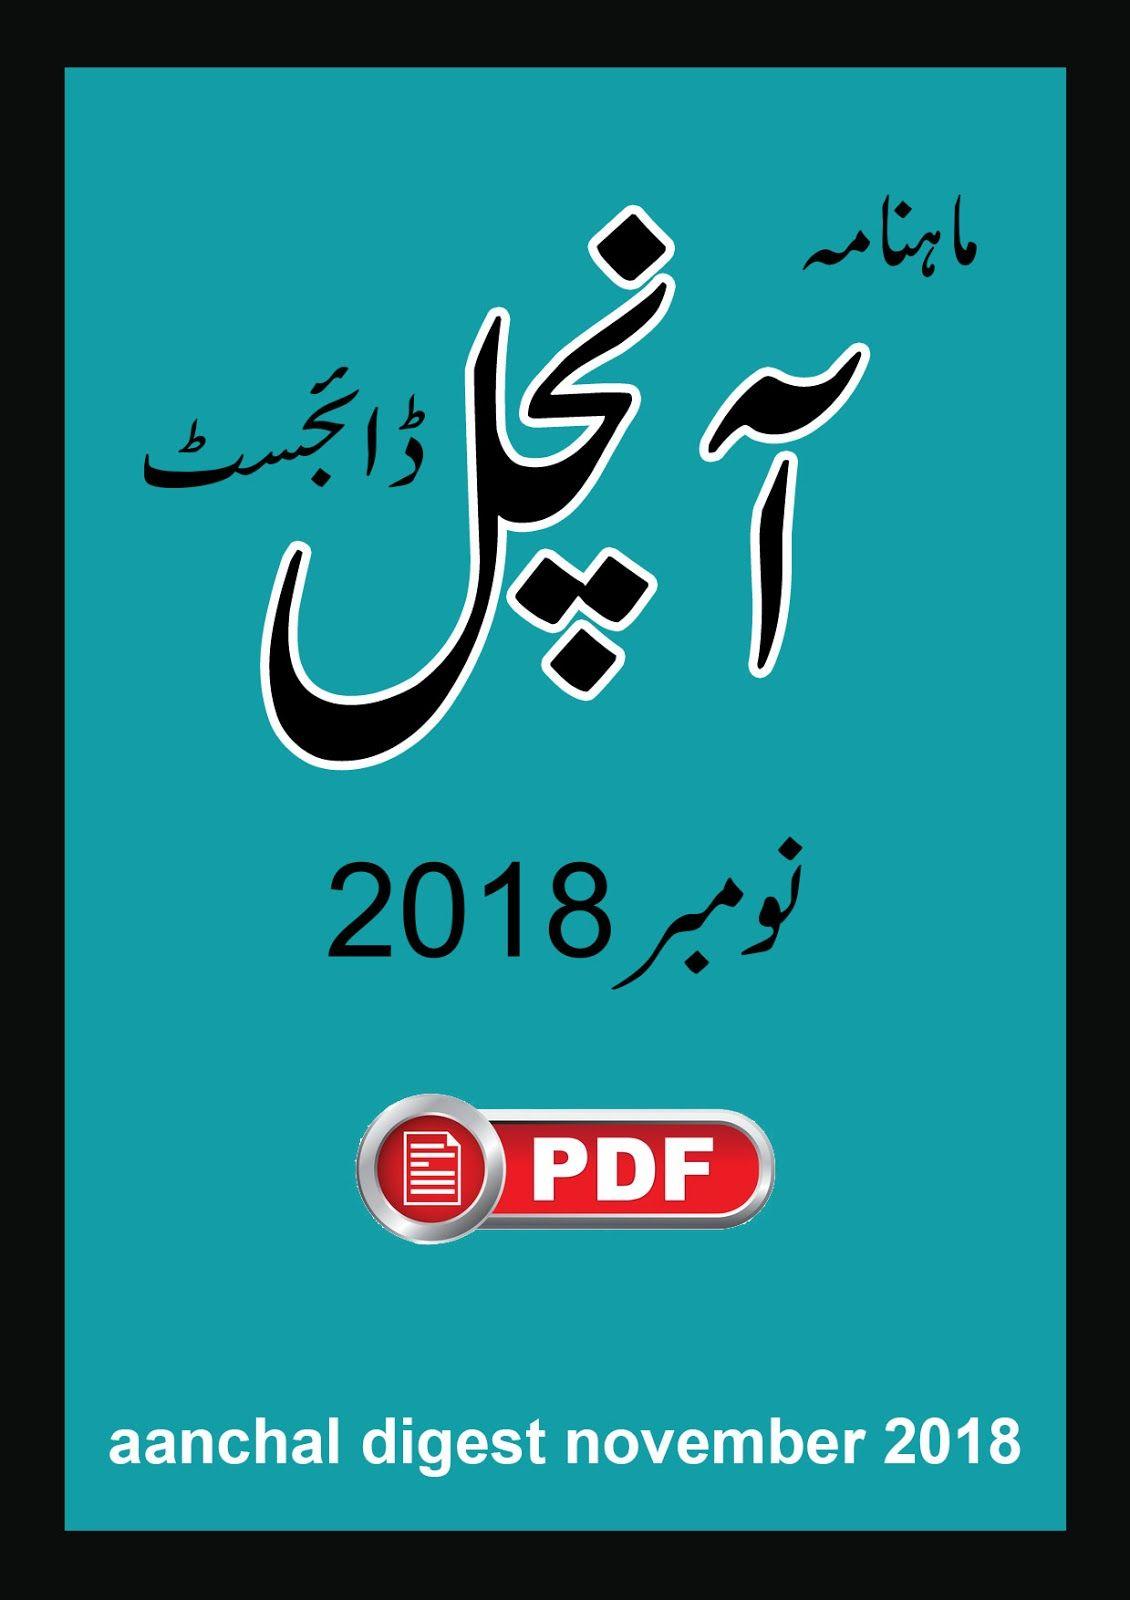 flirt meaning in urdu pdf download pdf